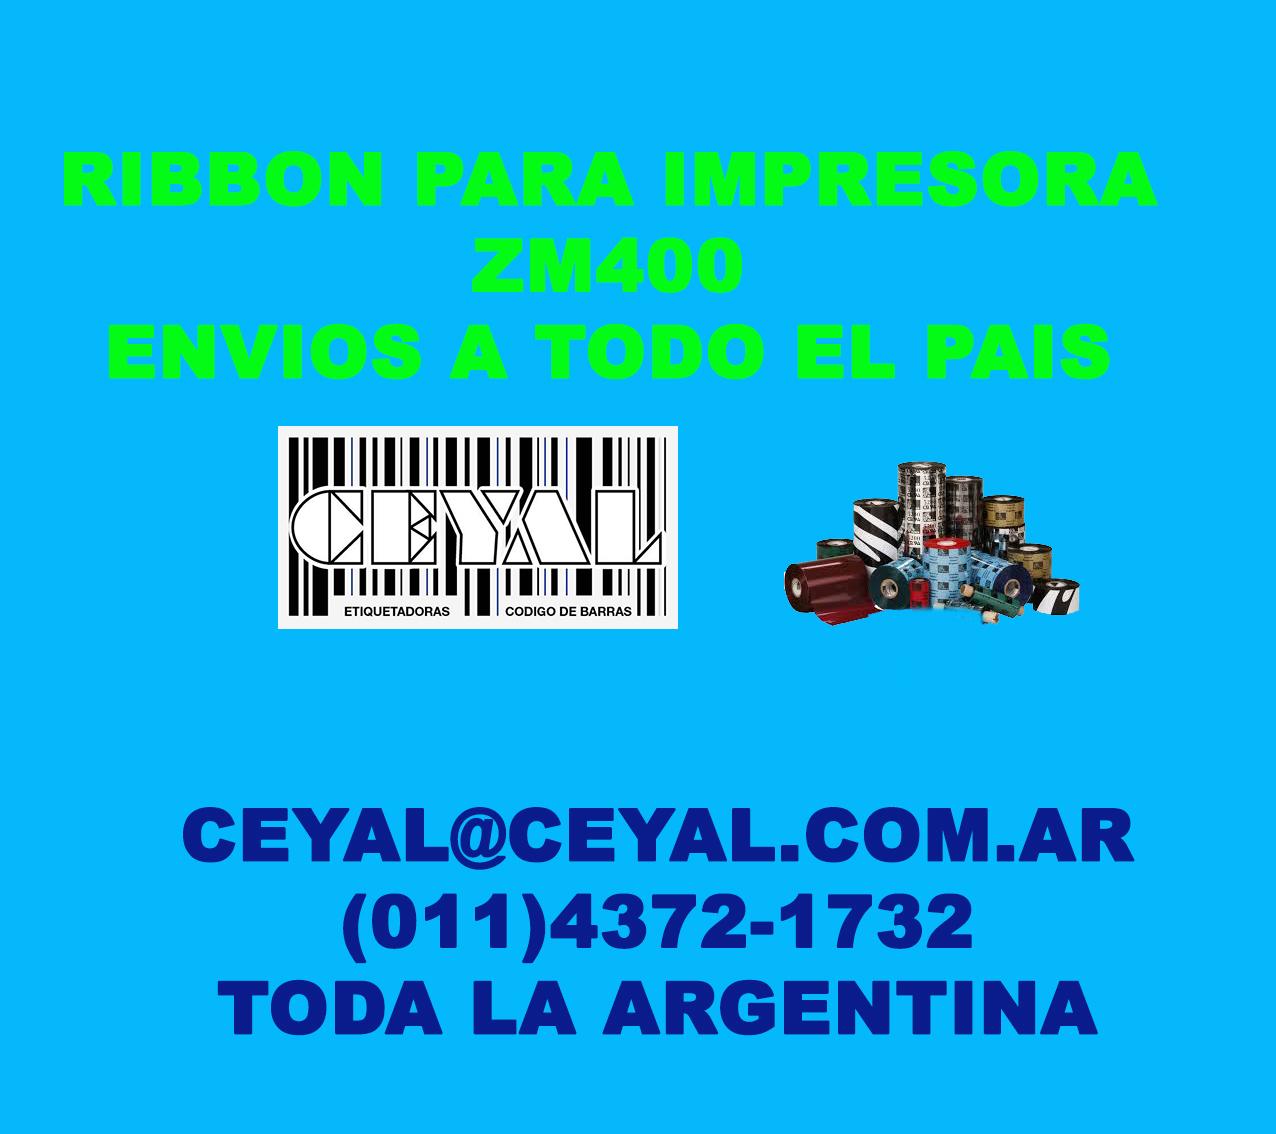 Fabrica de etiquetas adhesivas Archivar documentos Art. De limpieza Artesanías Articulos de cartón y papel Argentina